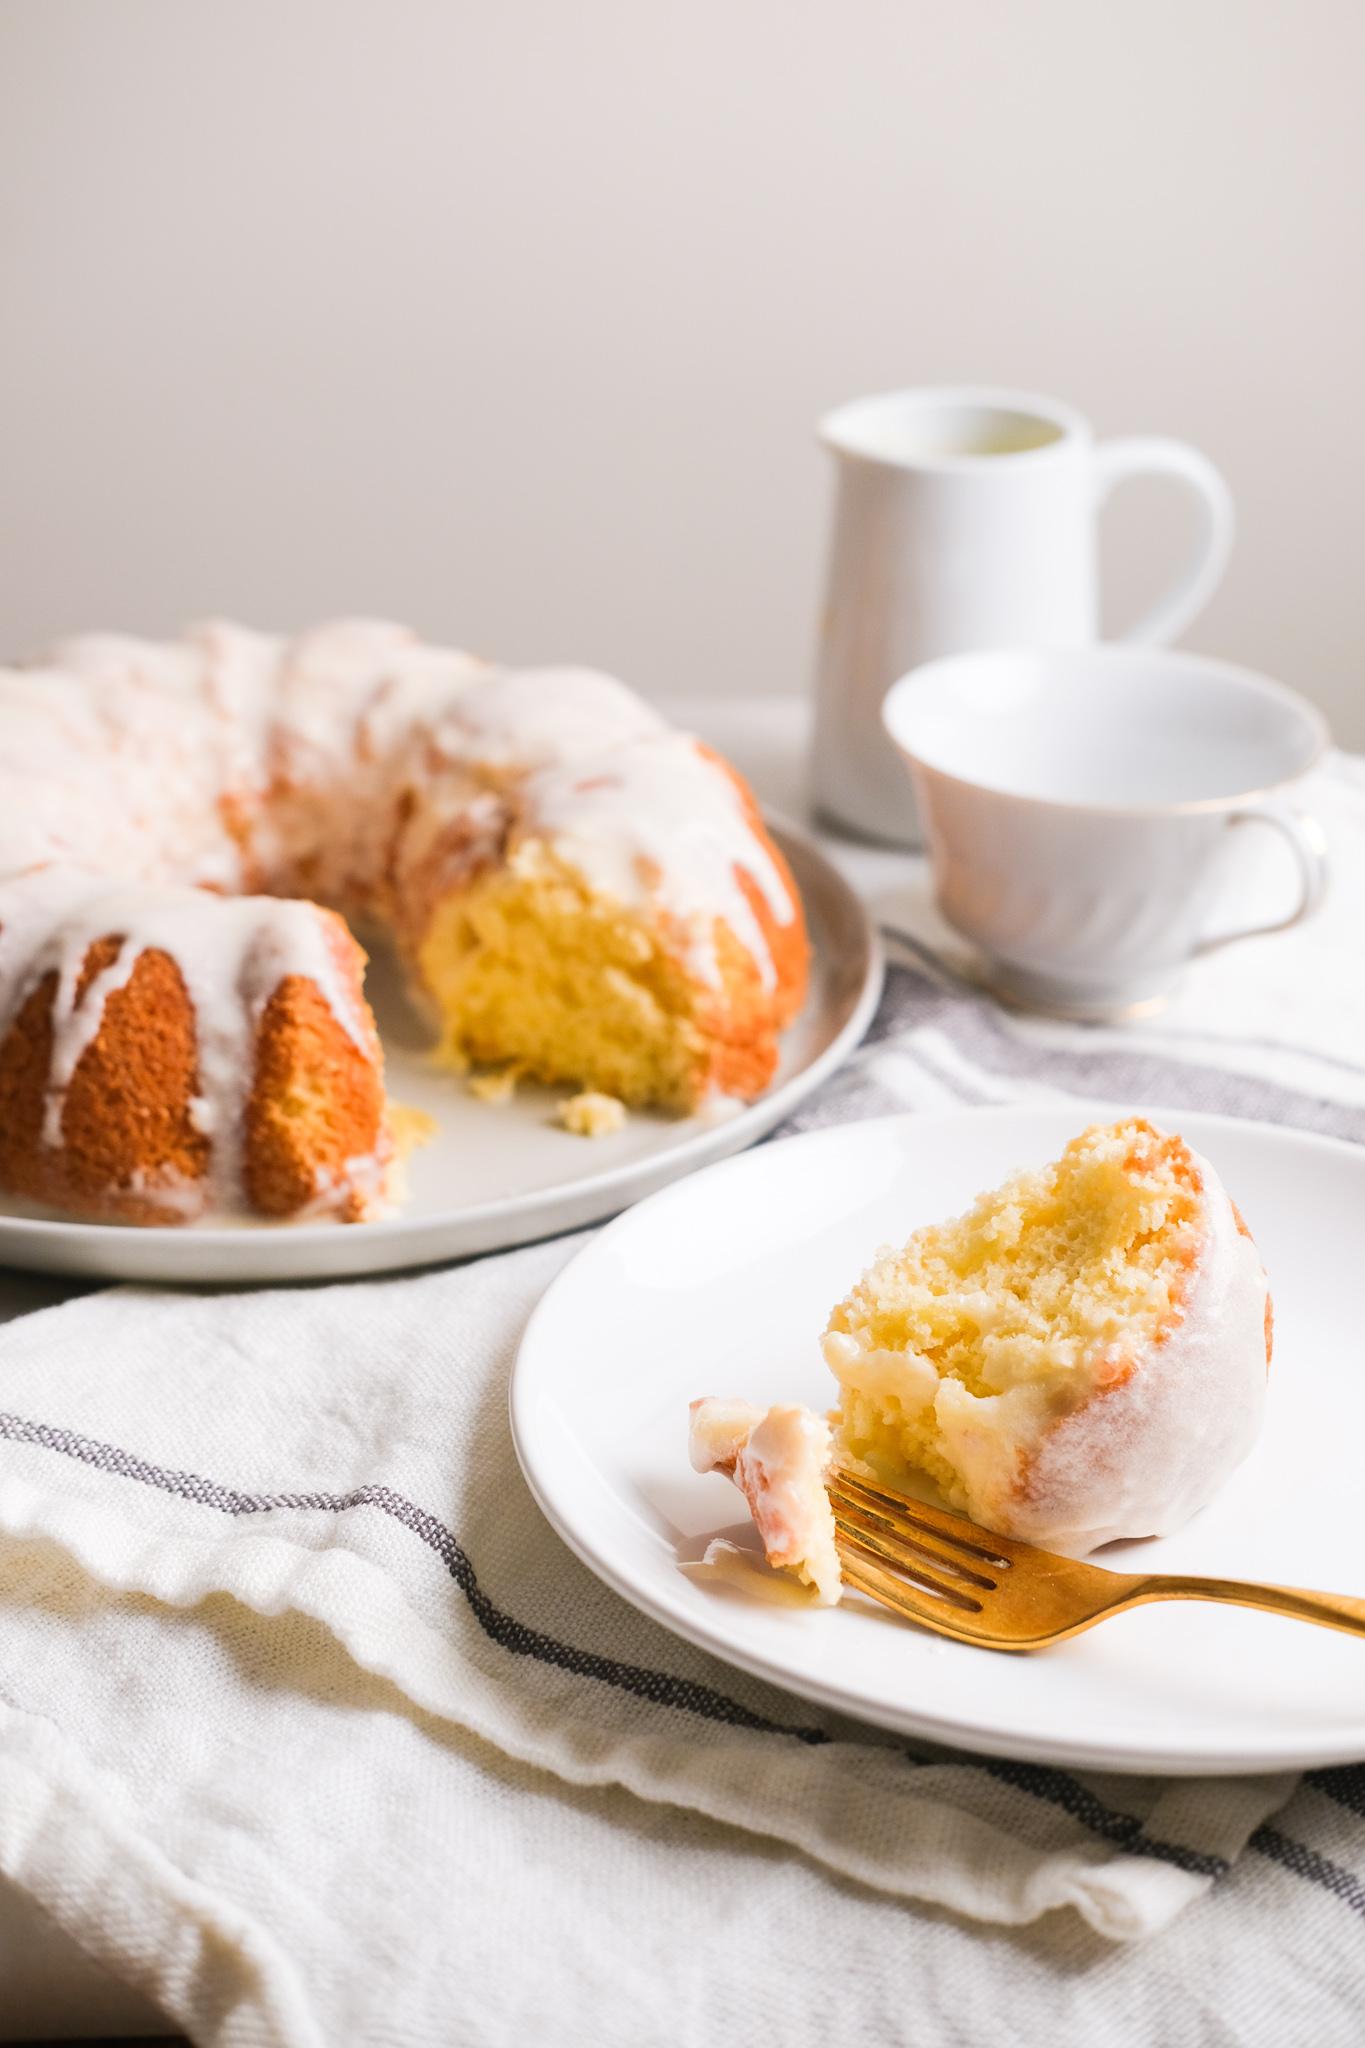 slice of lemon sponge cake on the table